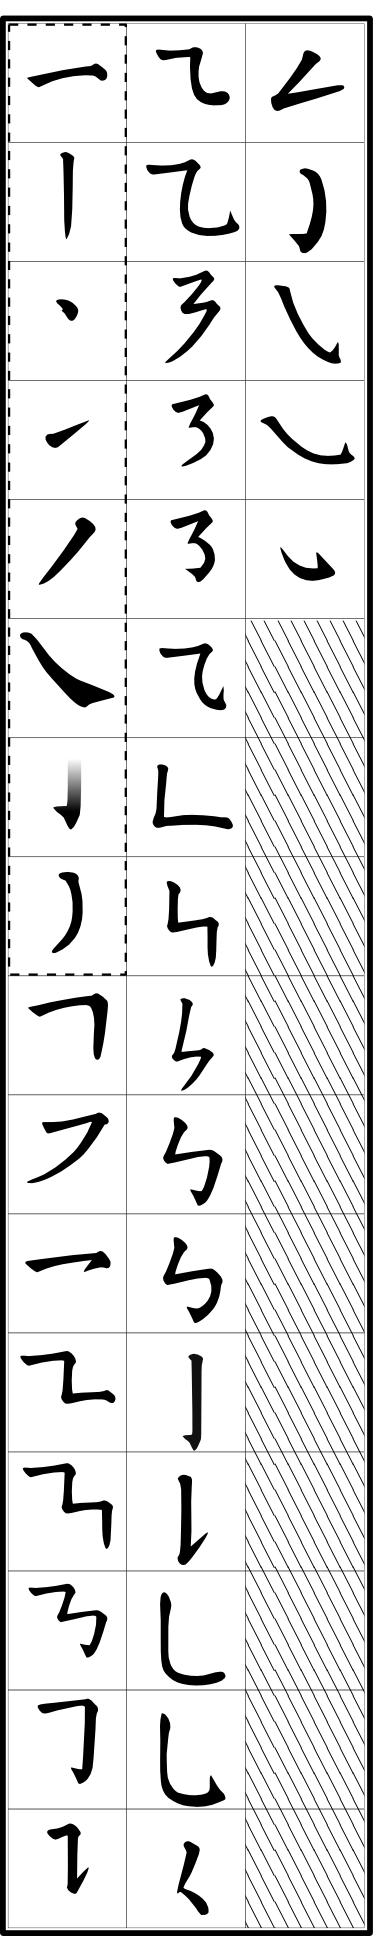 черты, используемые для написания китайских иероглифов. Фото: Public Domain